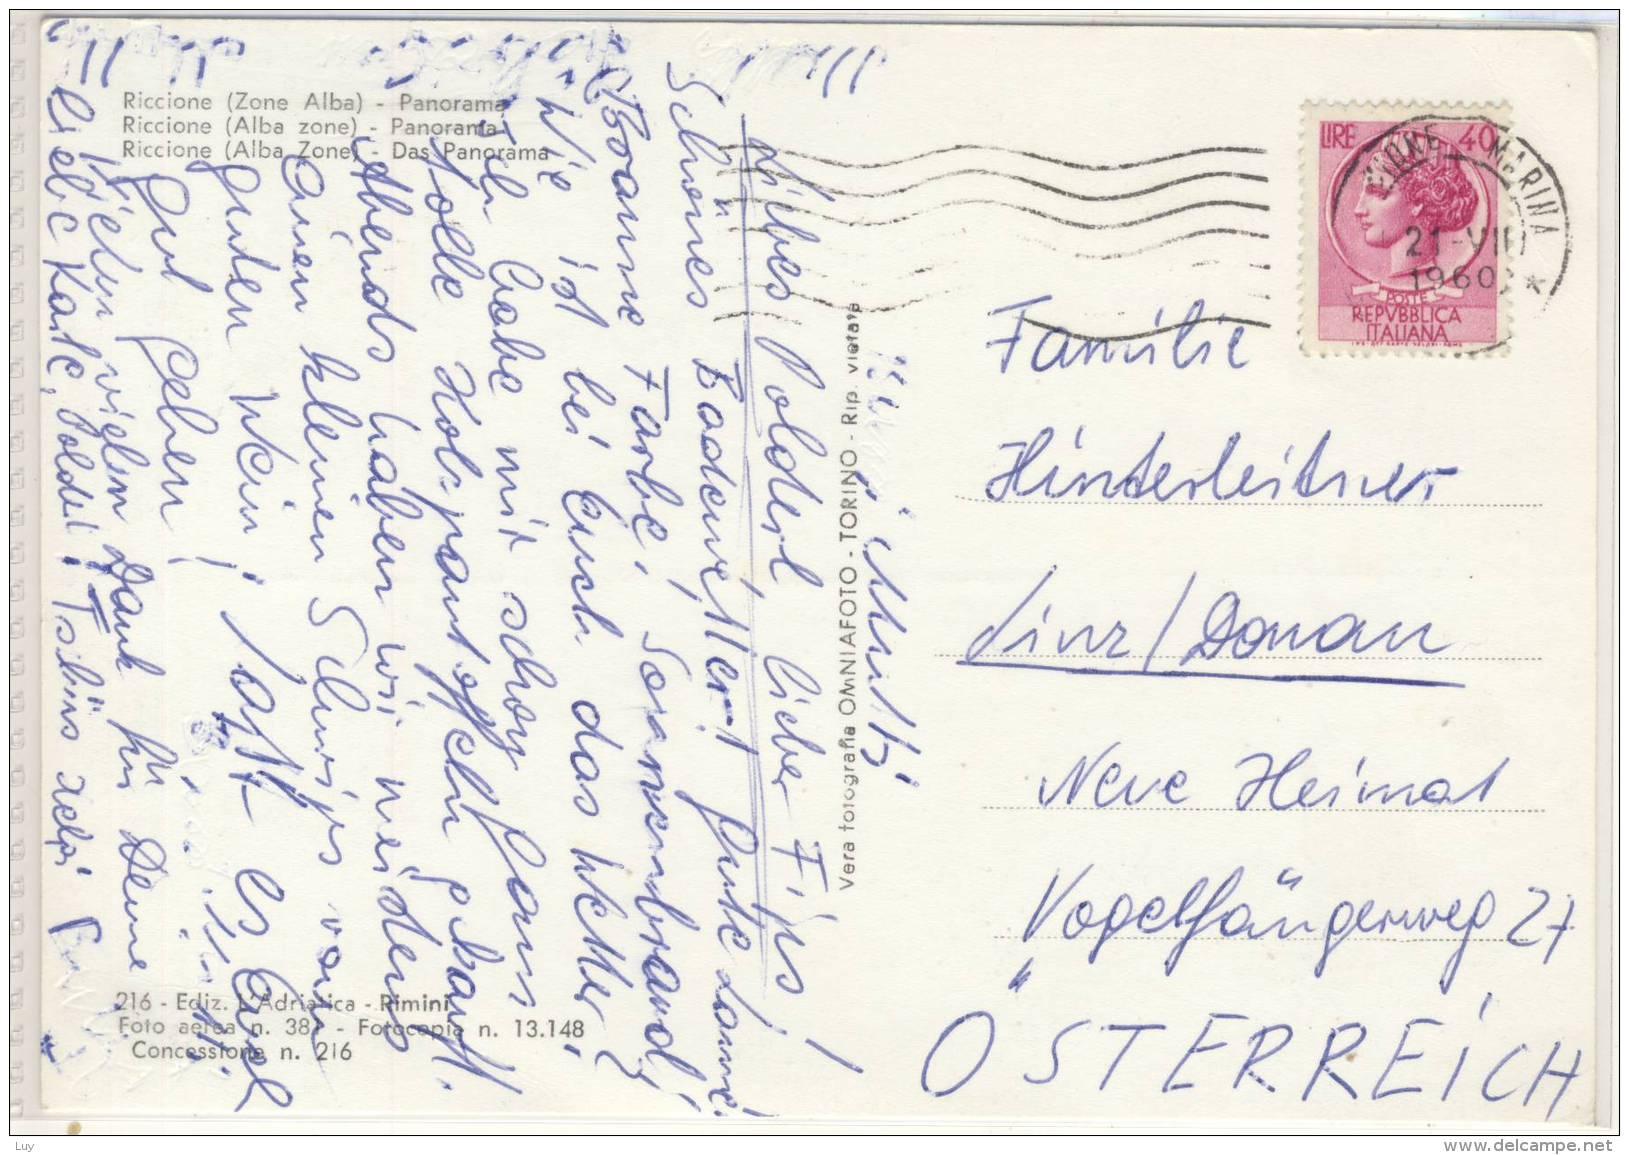 RICCIONE,  ZONA ALBA - Panorama, Veduta Aerea , Viaggiata 1960 - Rimini